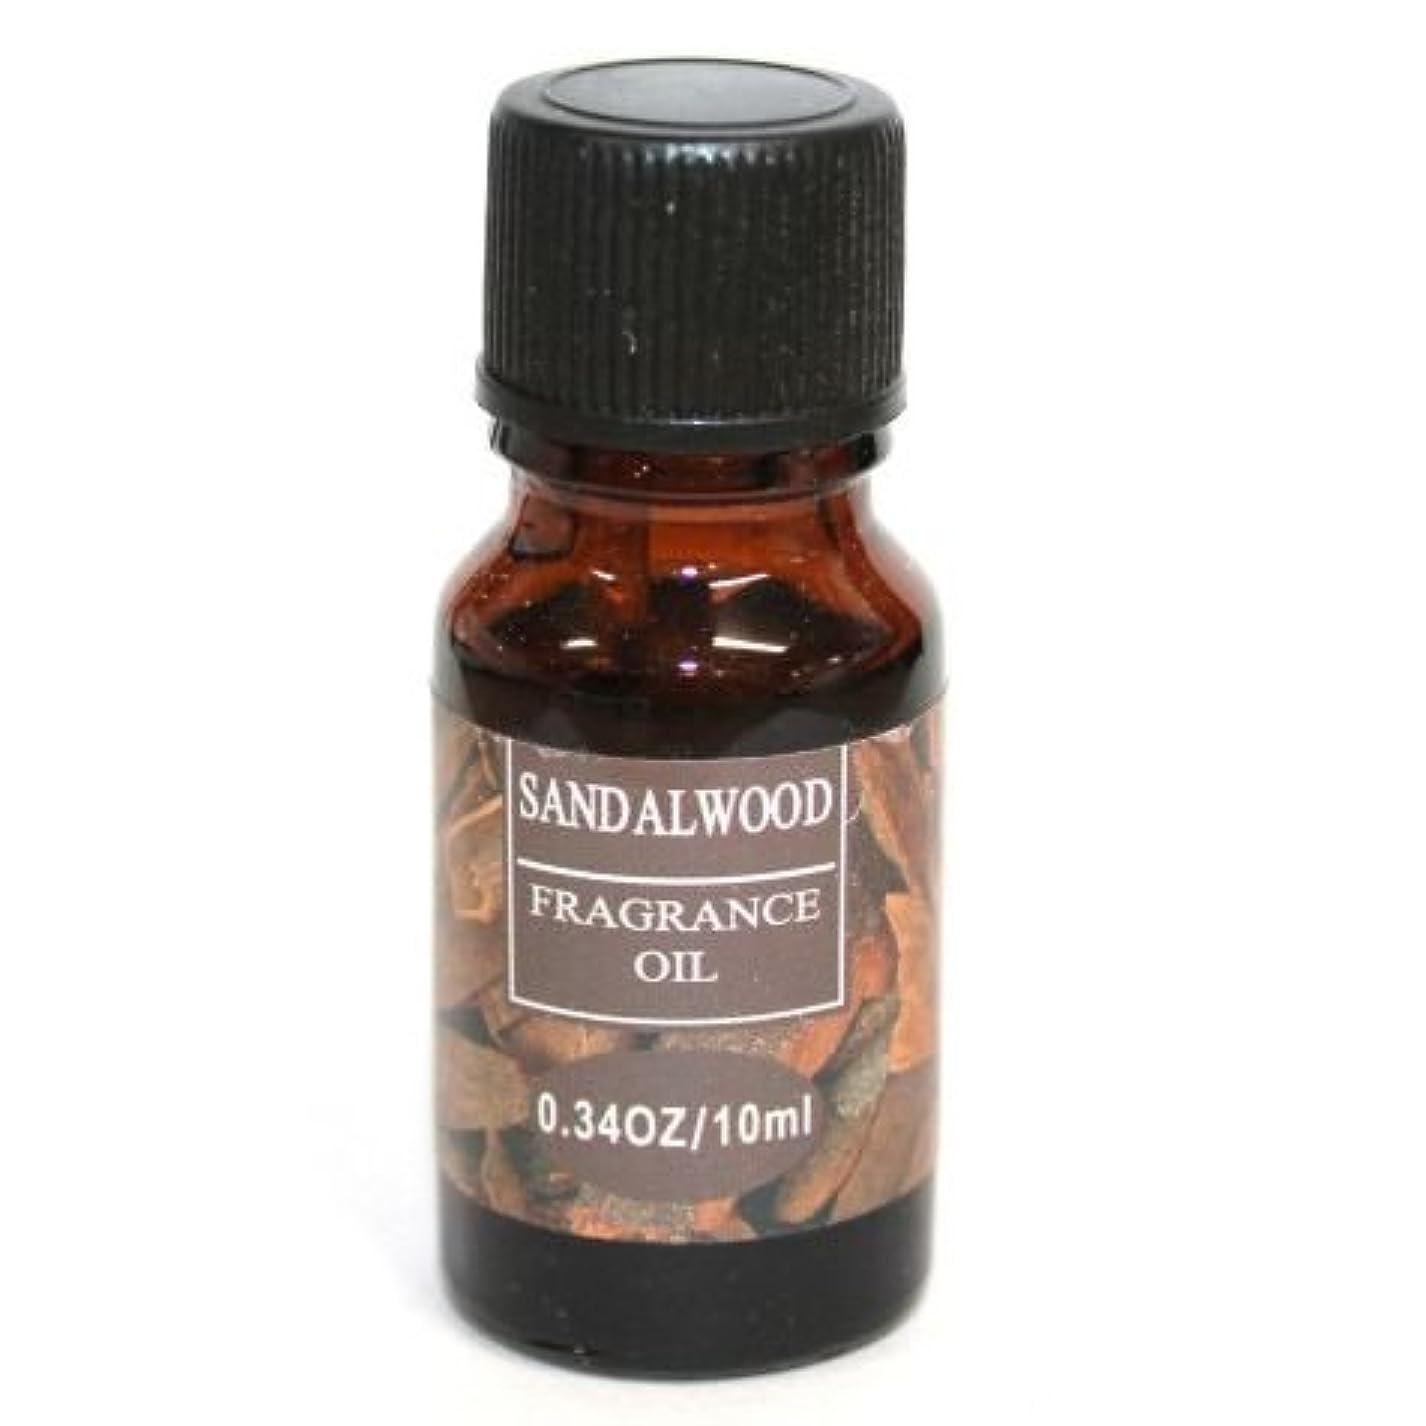 溢れんばかりの盗難騙すRELAXING アロマオイル フレグランスオイル サンダルウッドの香り ビャクダン (白檀) RQ-03